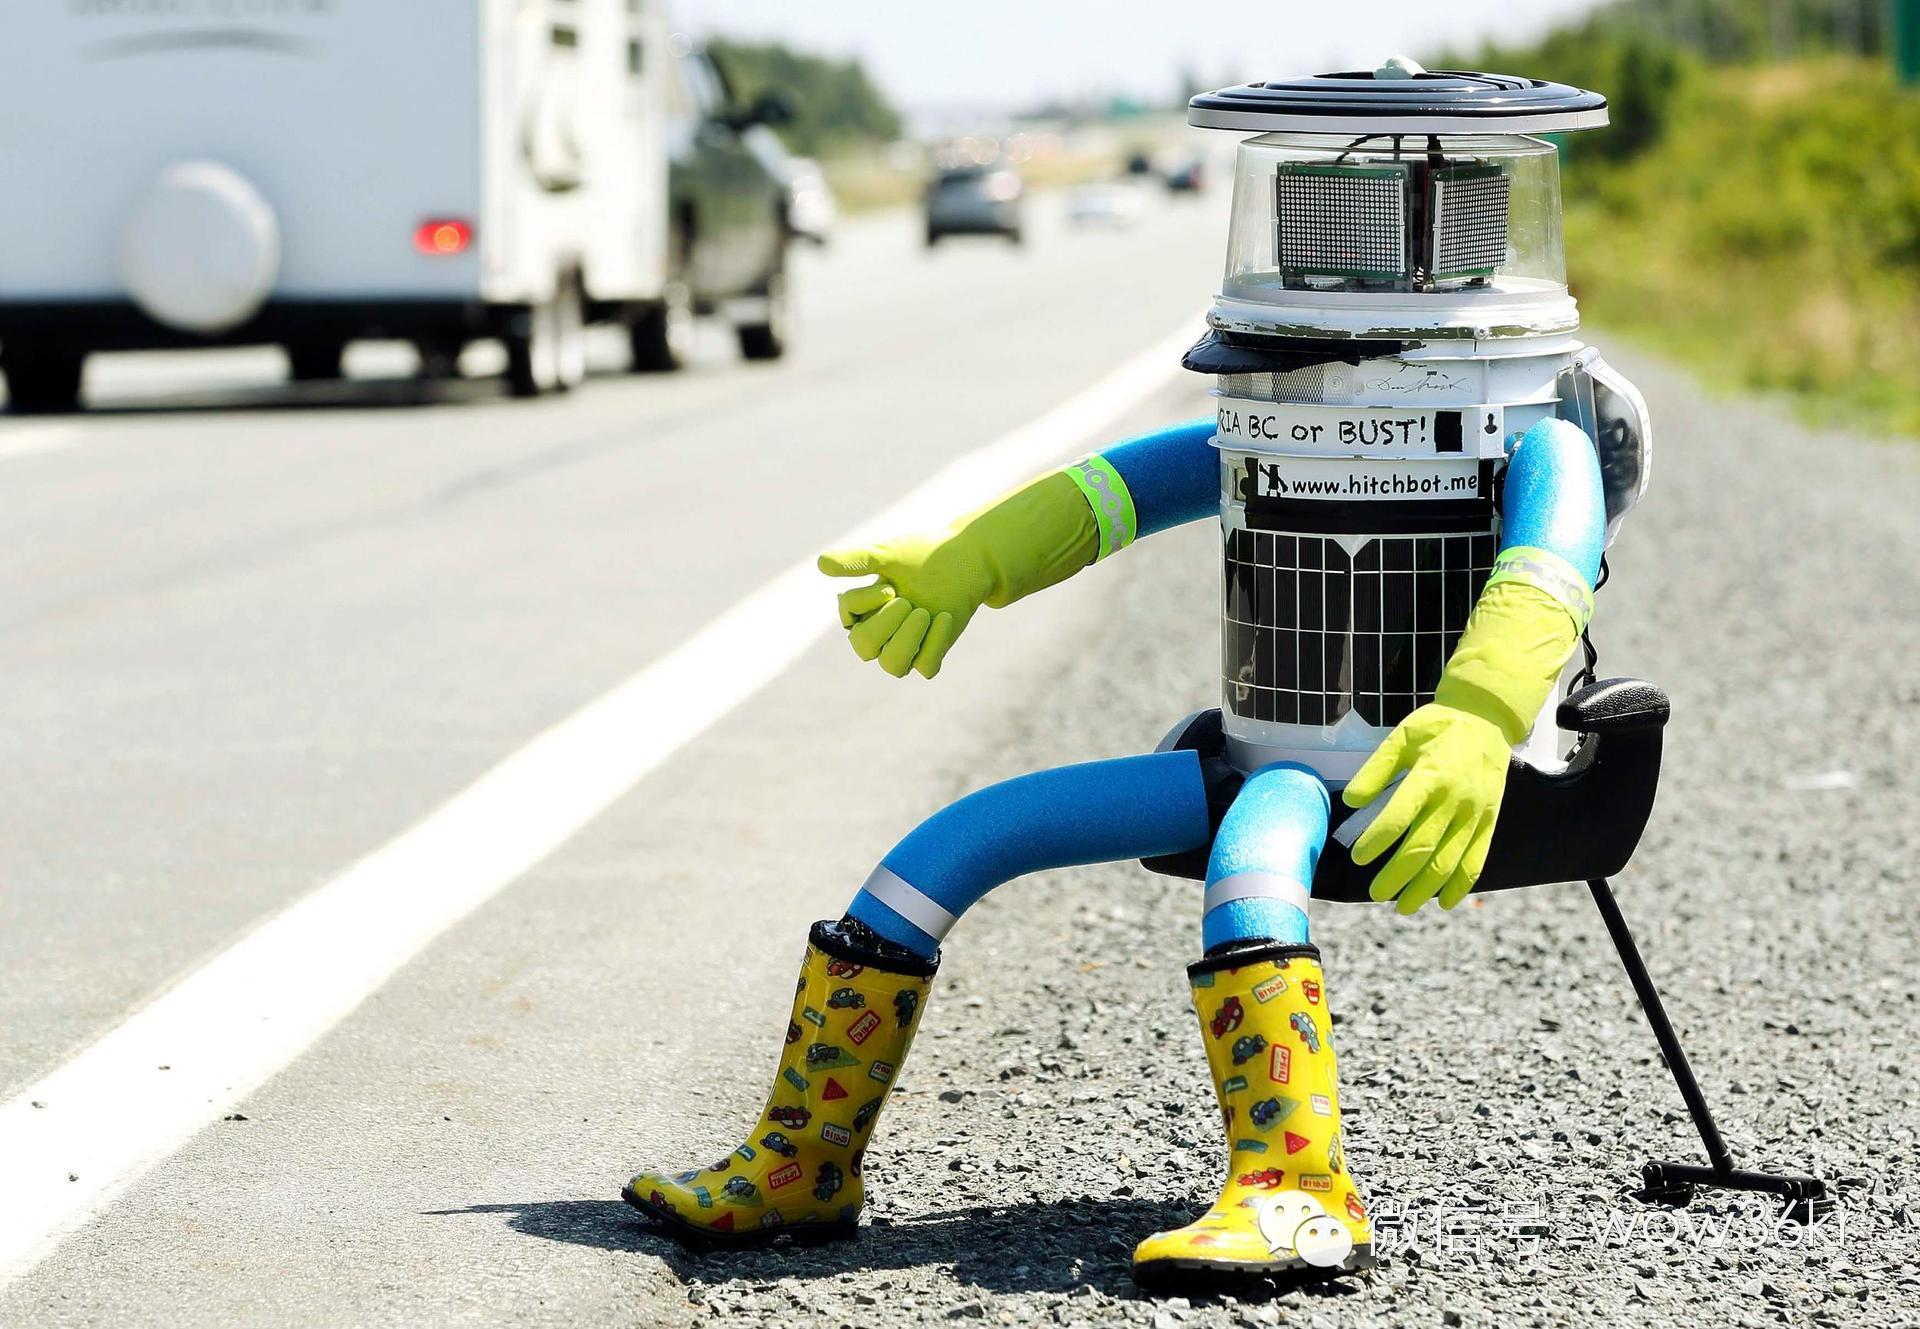 фото разошлись прикольного робота картинку которую перейдете, будет